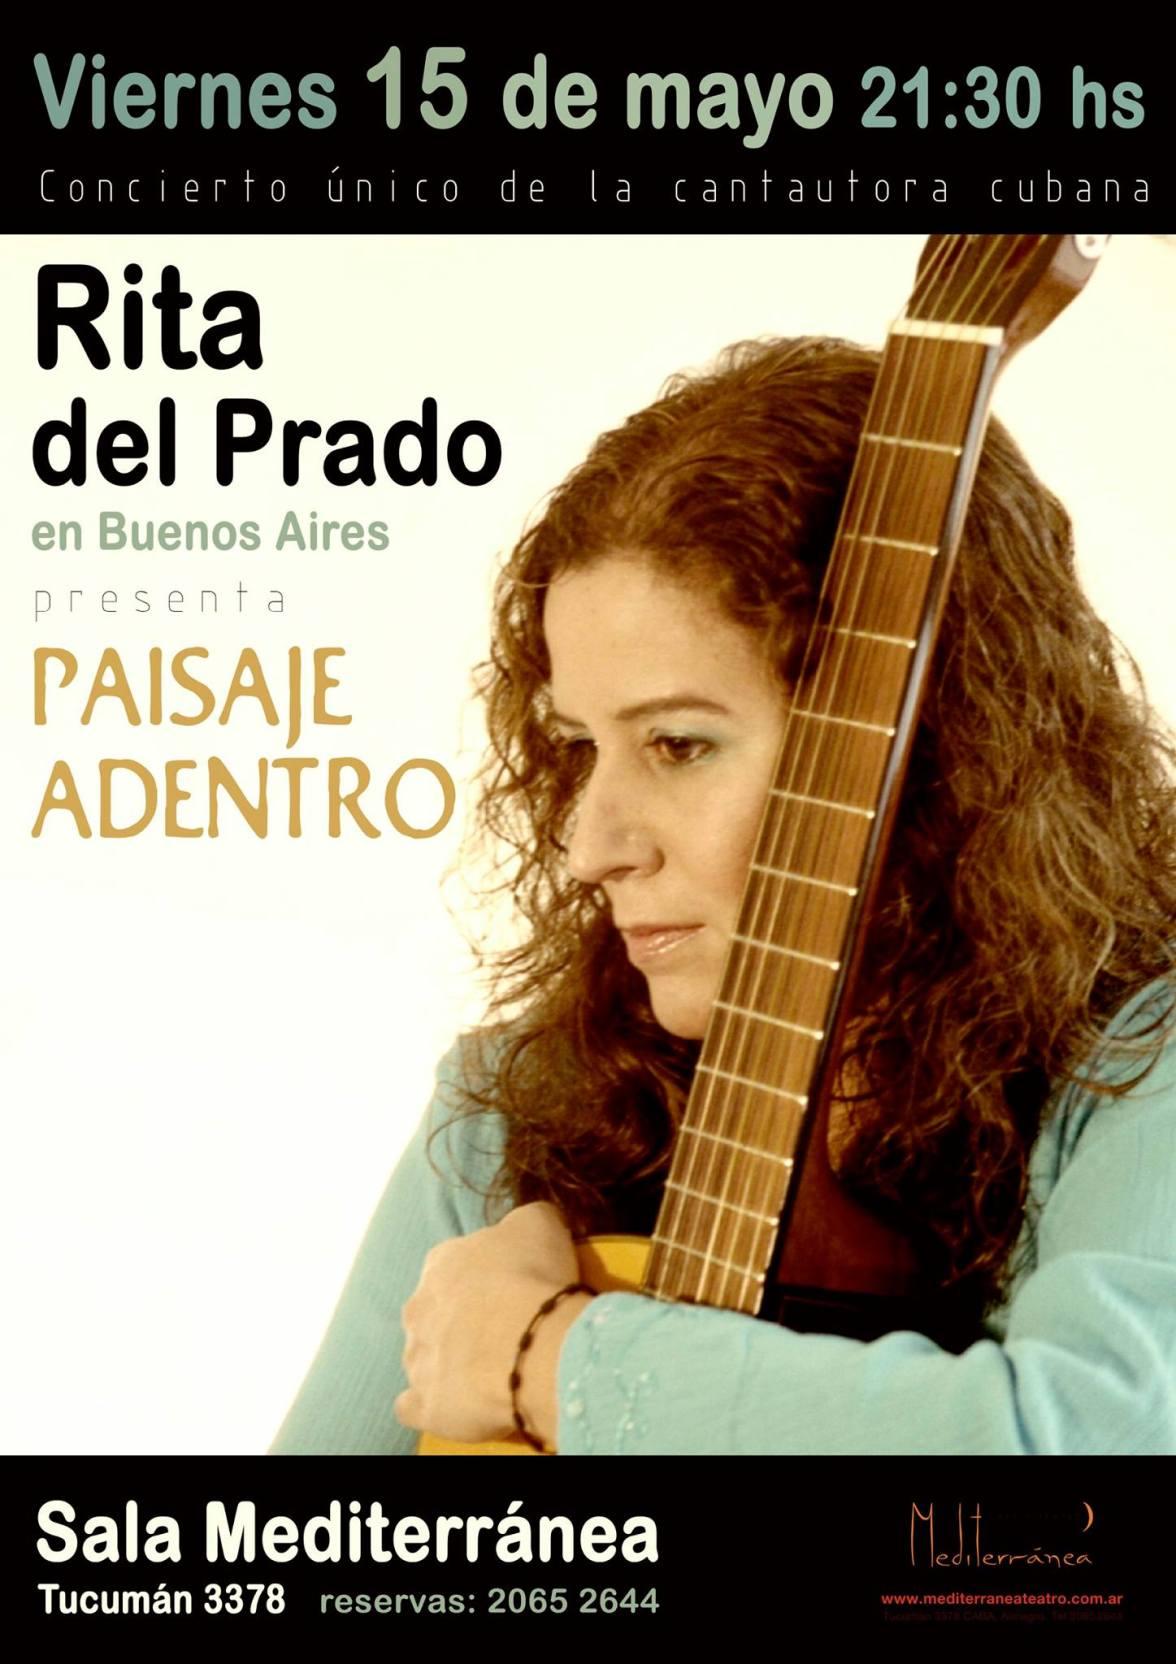 15 de mayo - Rita del Prado en la Sala Mediterránea de Buenos Aires